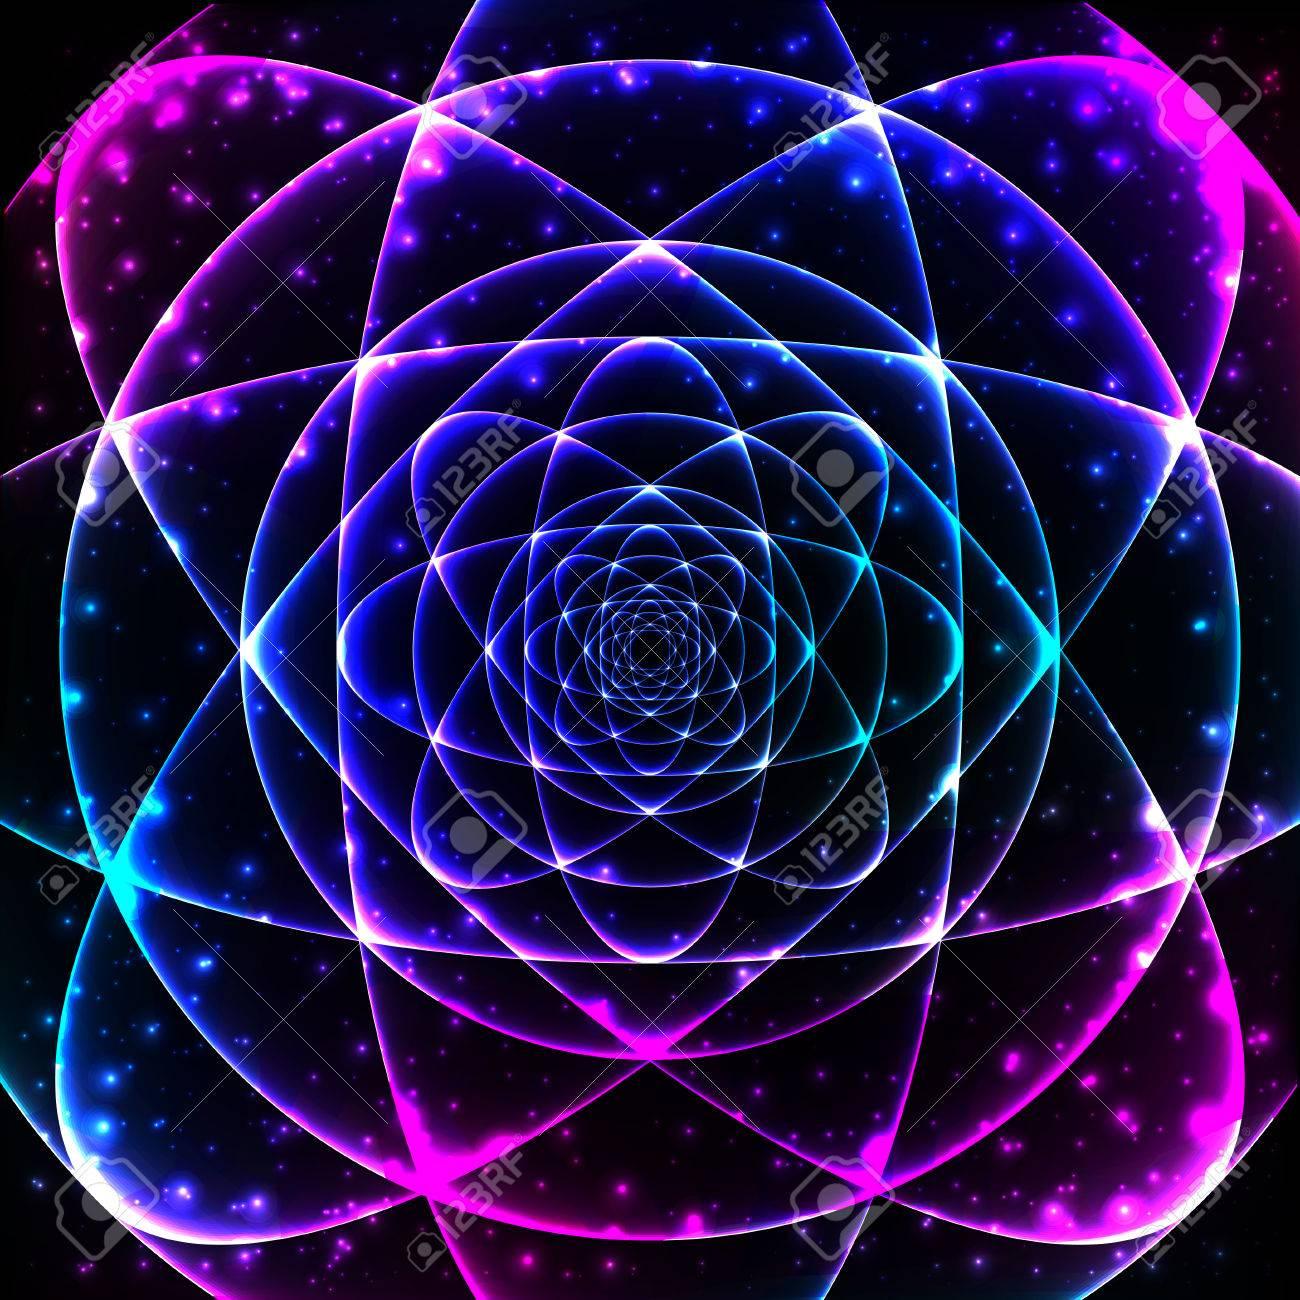 Heilige Geometrie Symbol Mandala Geheimnis Element Hintergrund Für